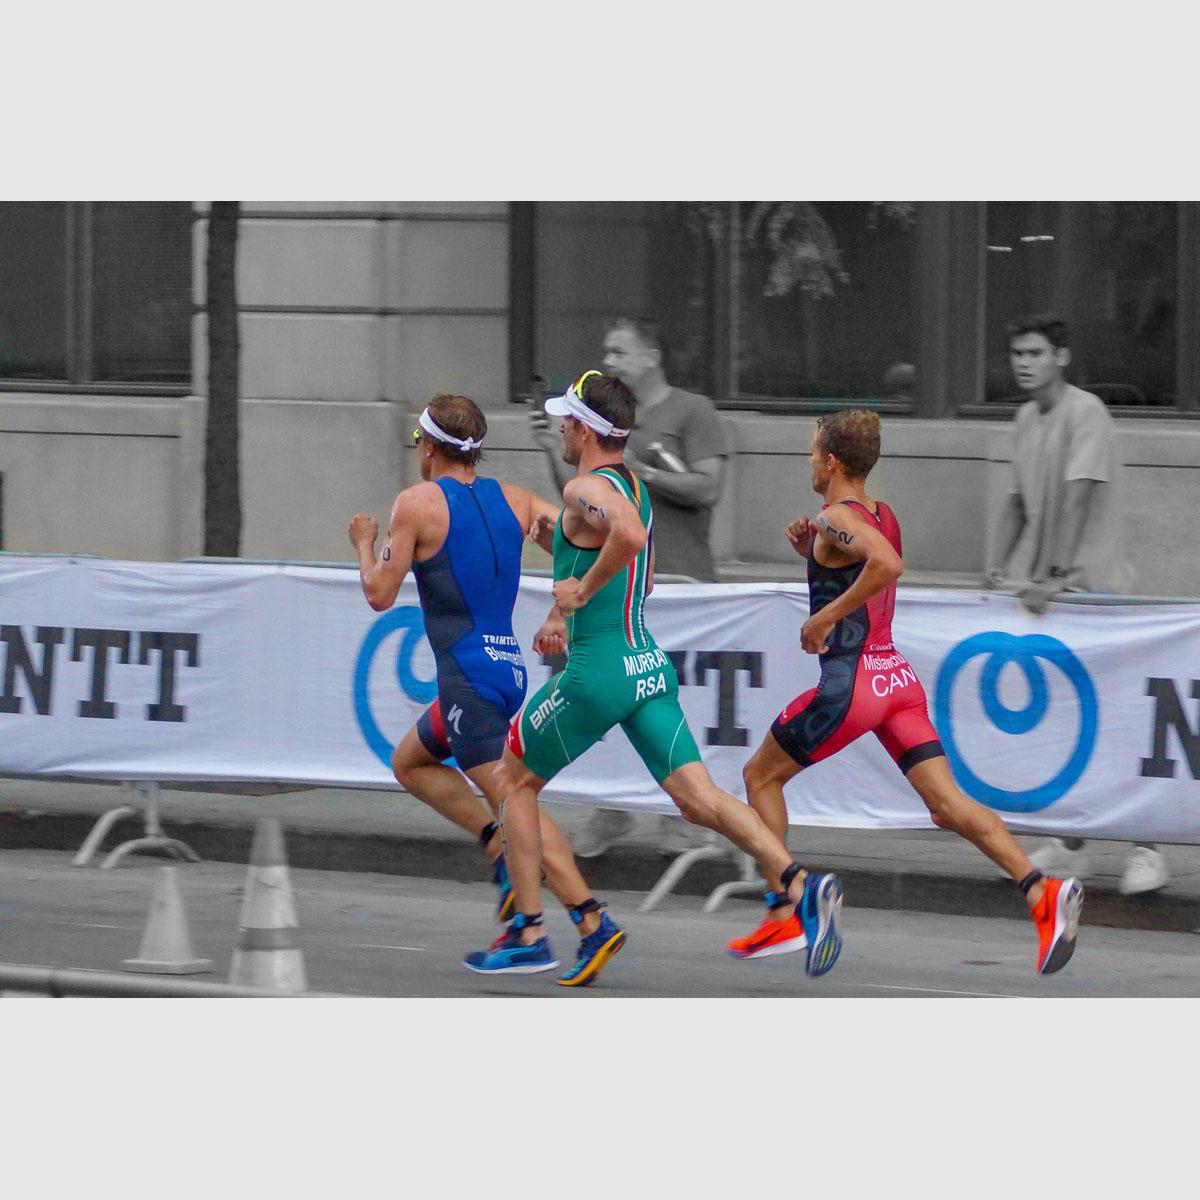 Blummenfelt, Murray and Mislawchuk battle for first running